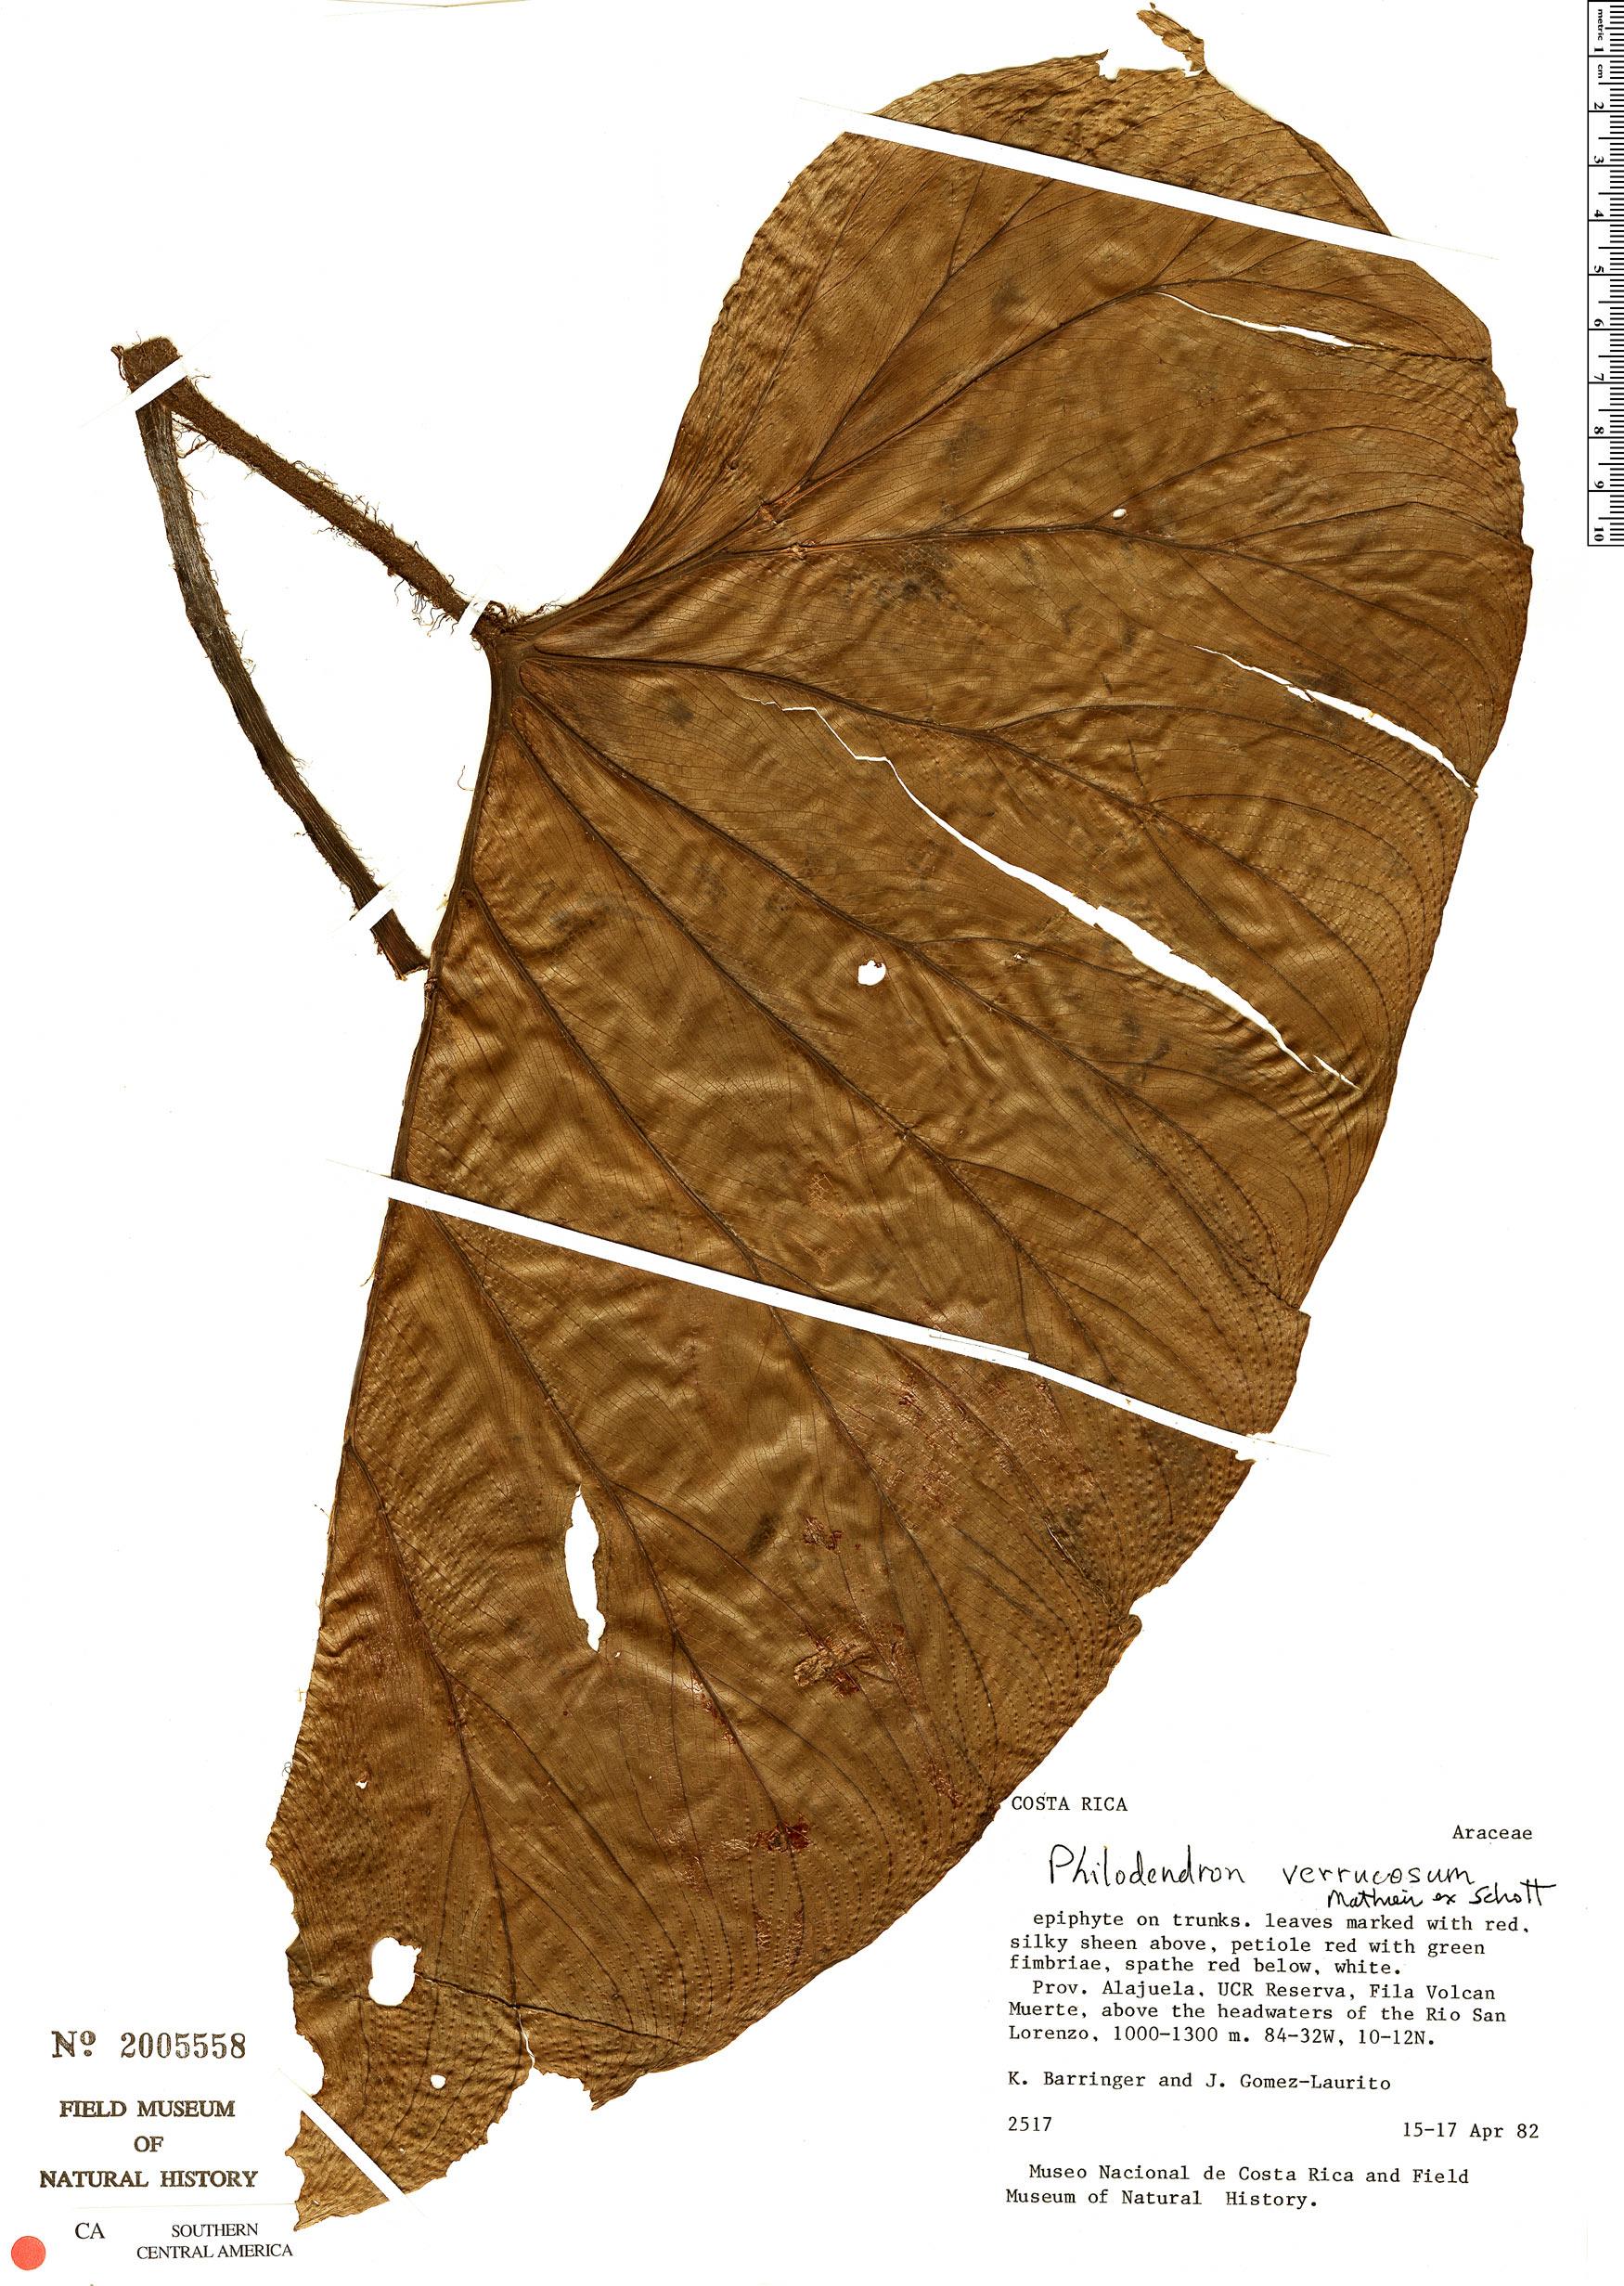 Specimen: Philodendron verrucosum